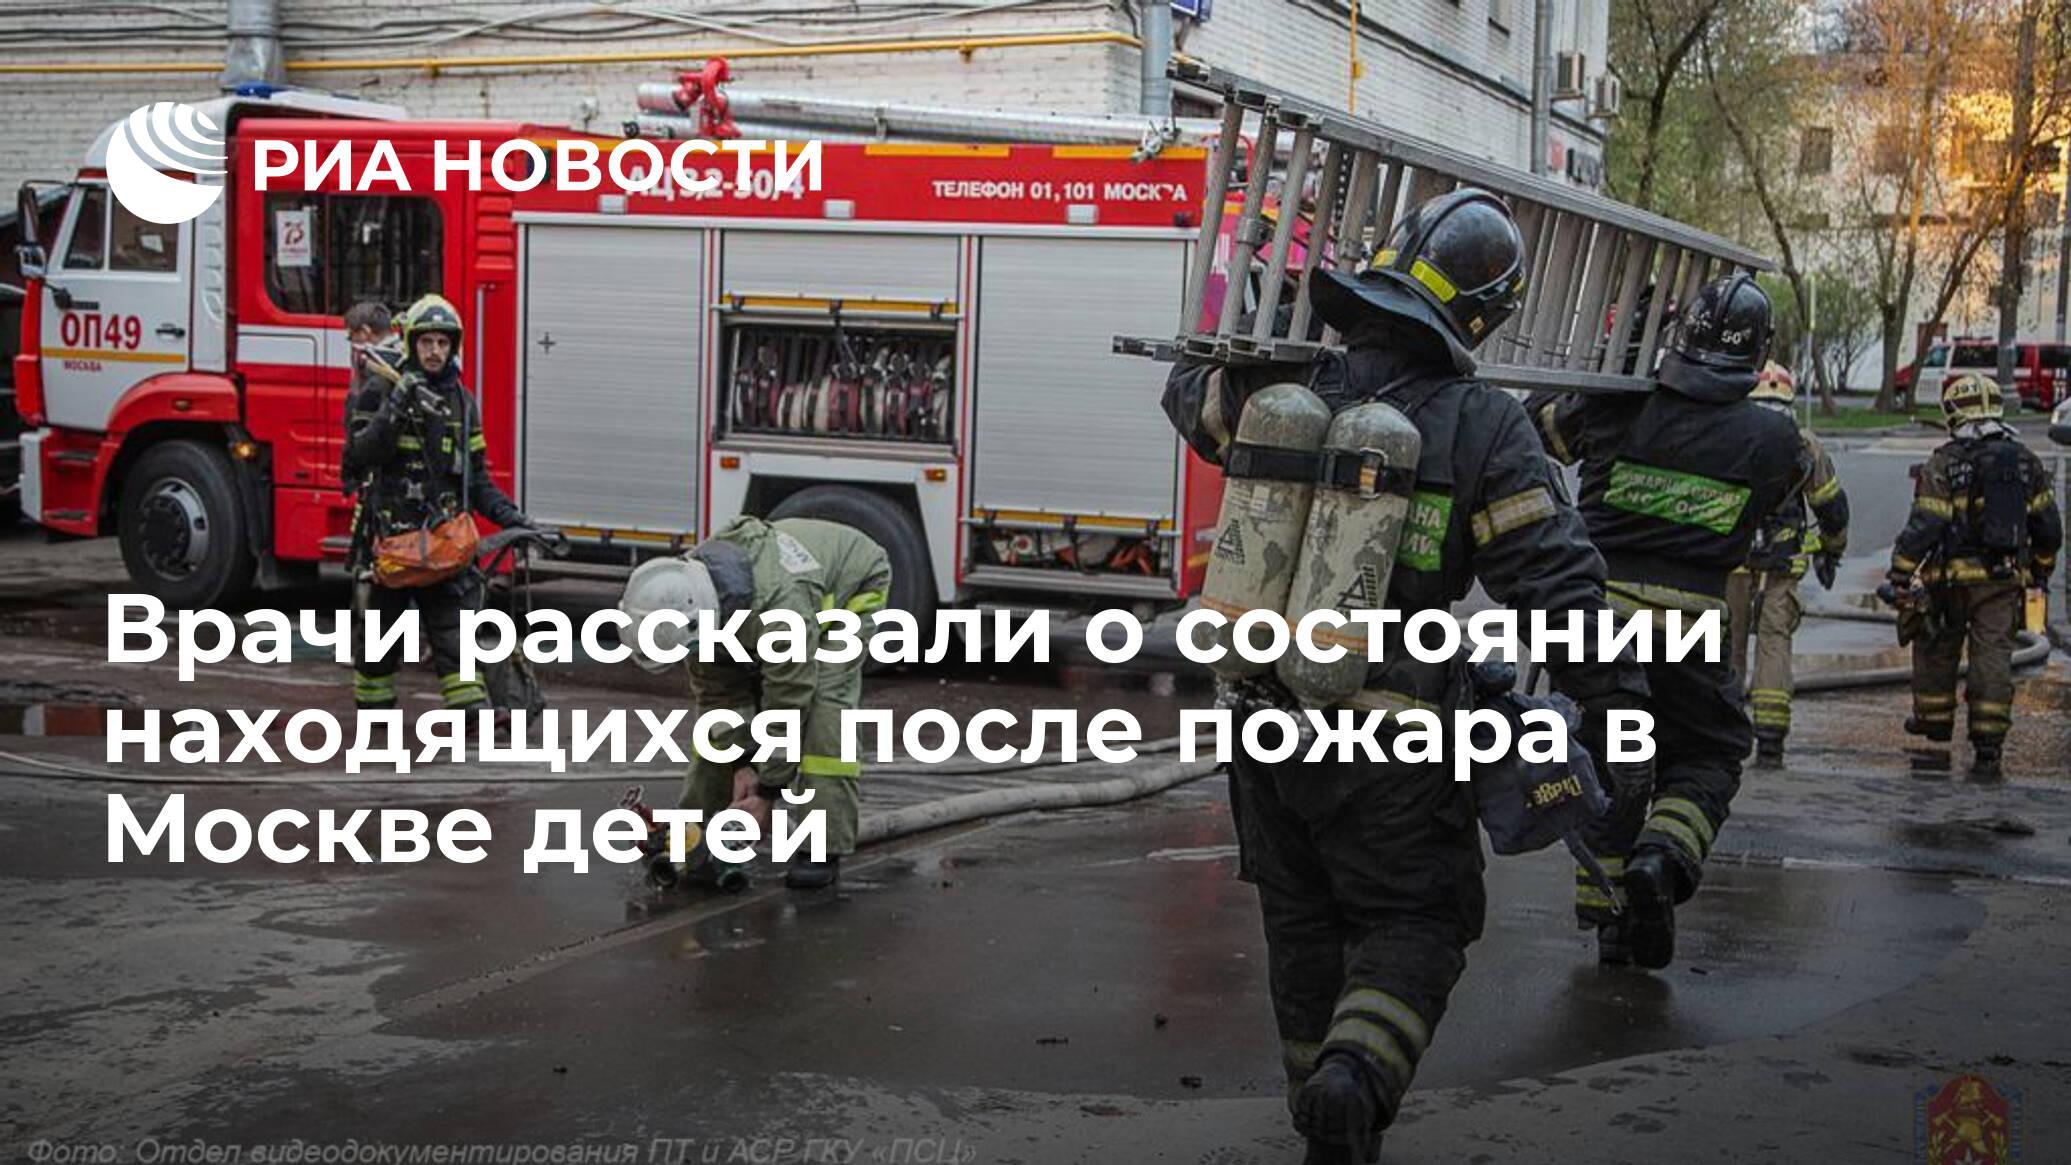 Врачи рассказали о состоянии находящихся после пожара в Москве детей